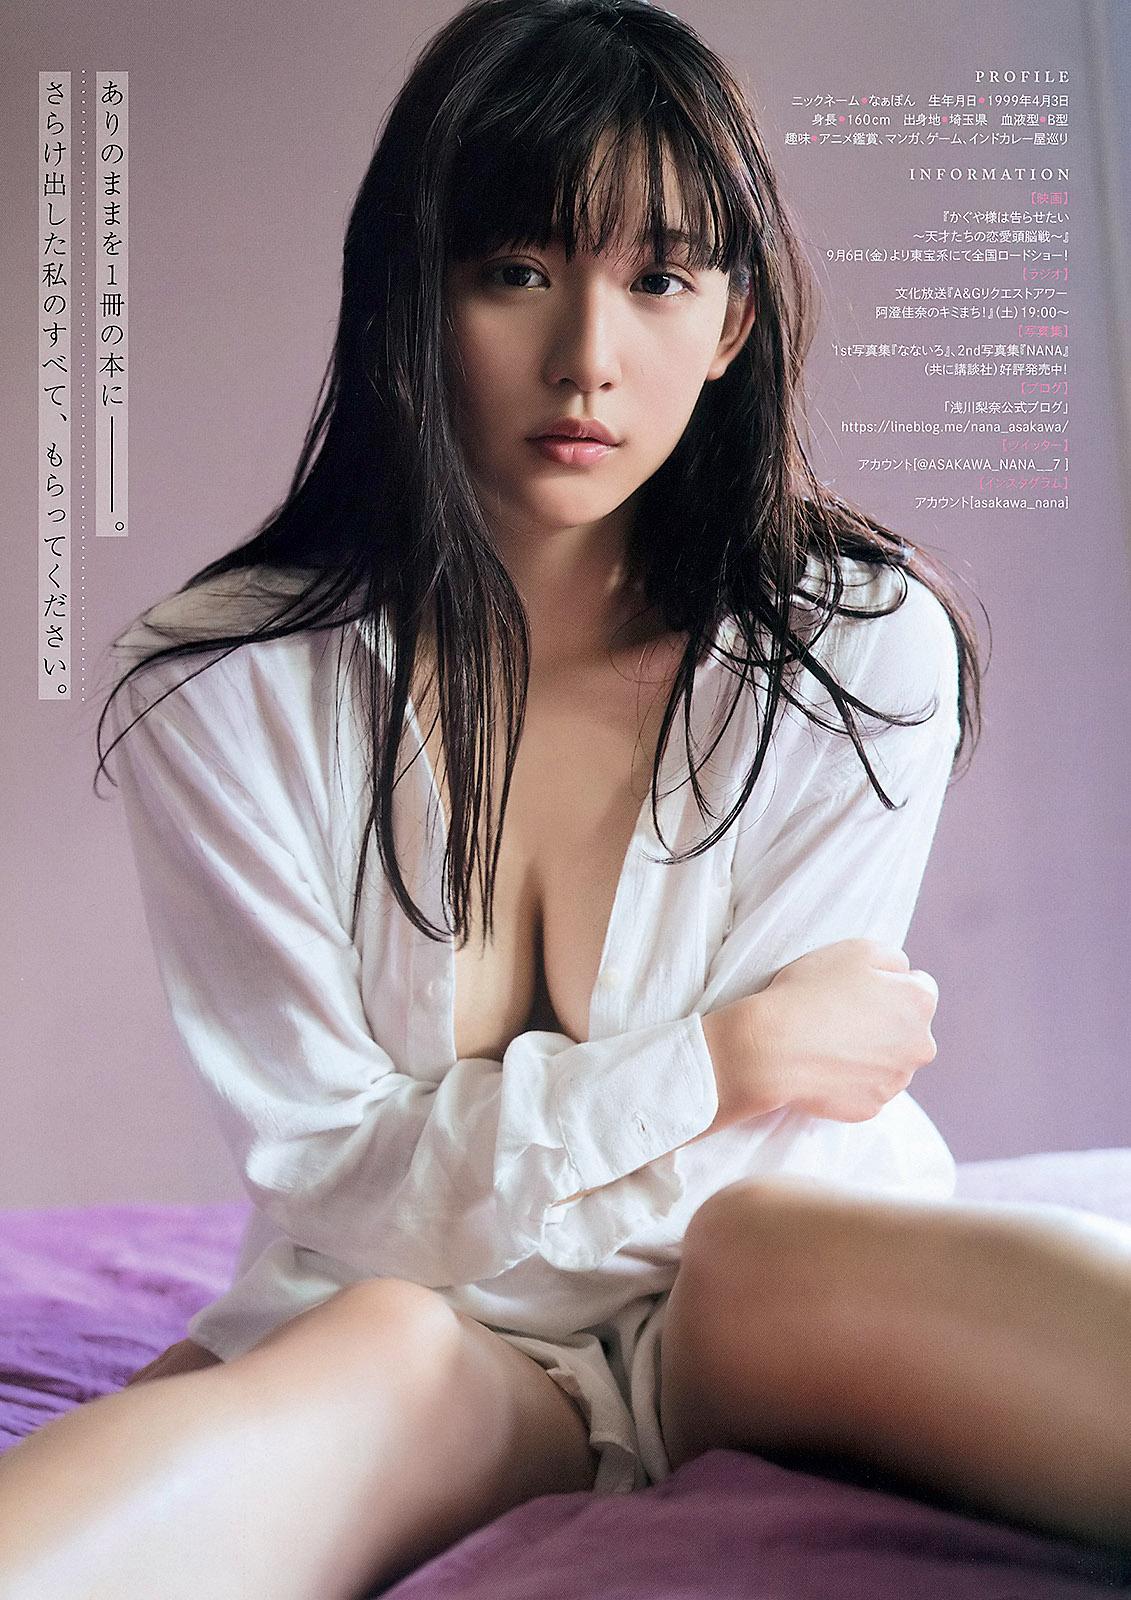 NAsakawa Young Magazine 190909 08.jpg